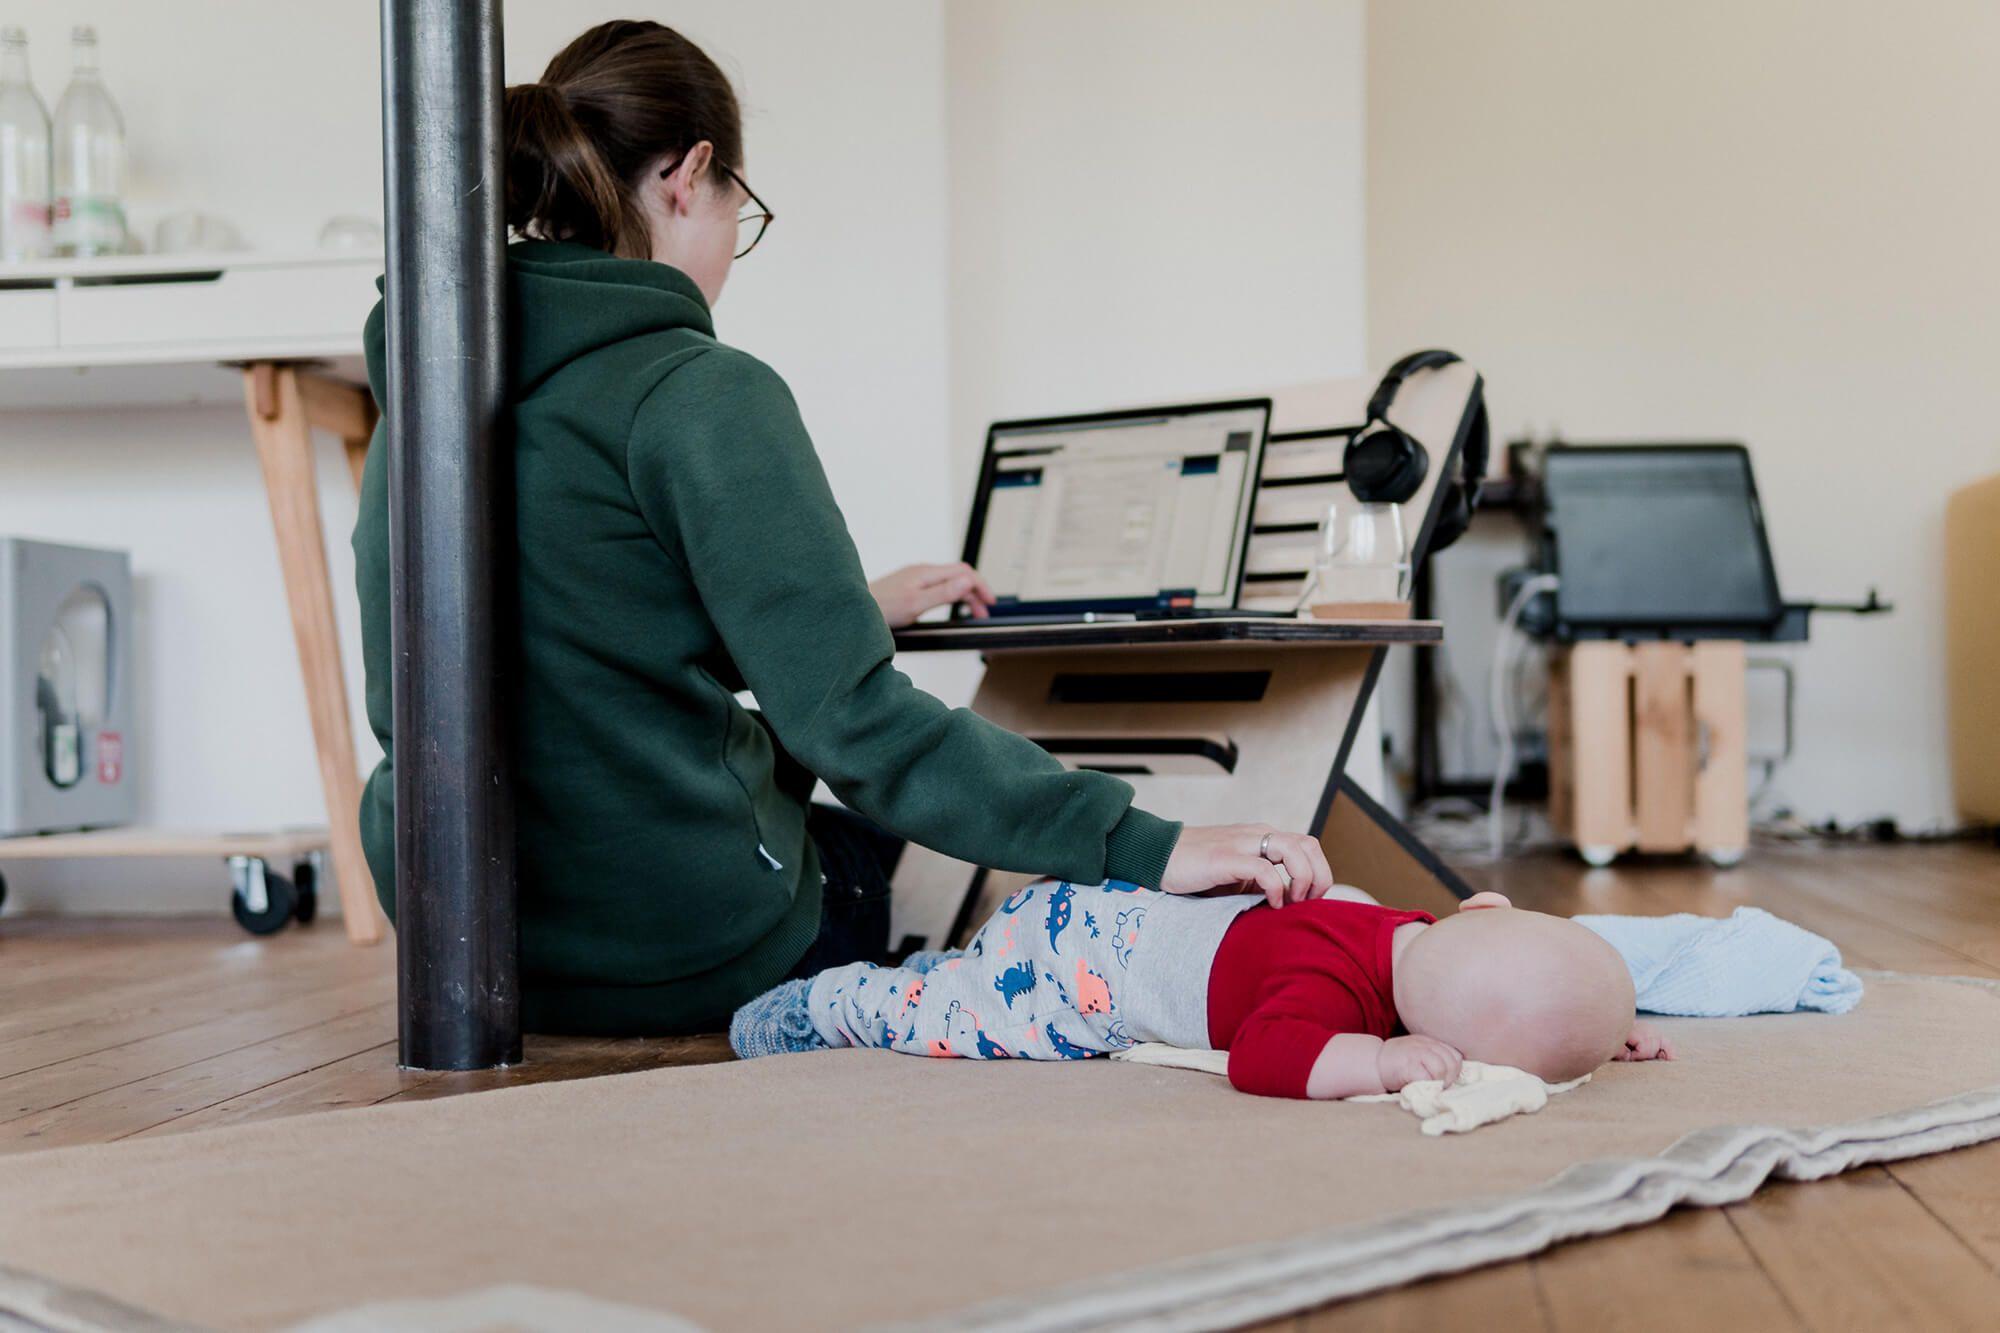 neu-blogartikel-auszeiten-multitasking